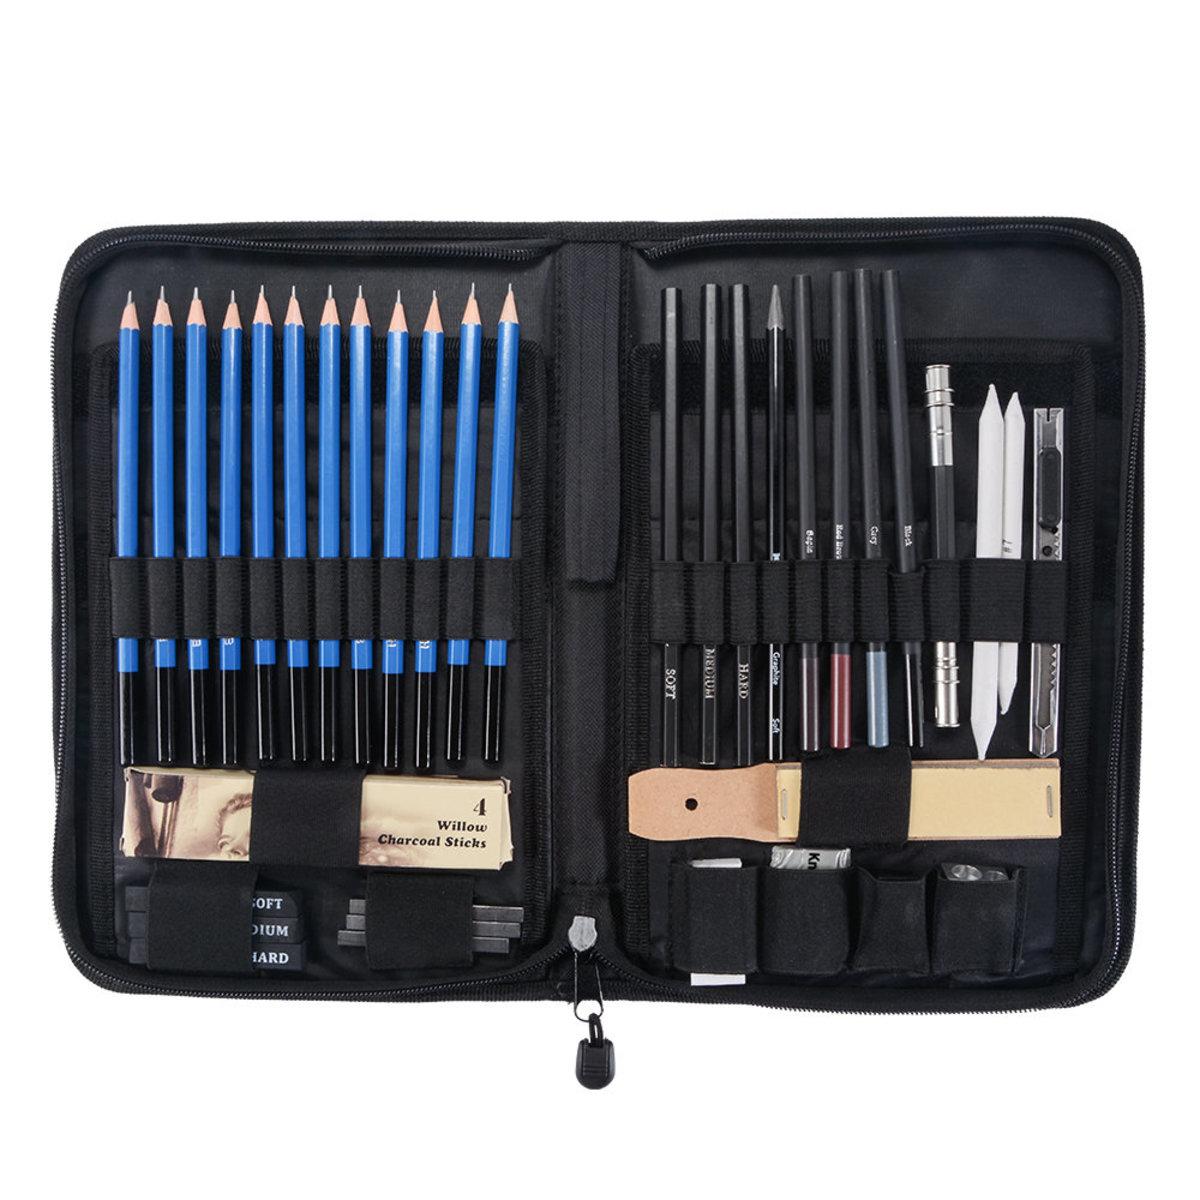 拉鍊袋包裝40pcs專業速寫素描美術鉛筆刷石墨炭